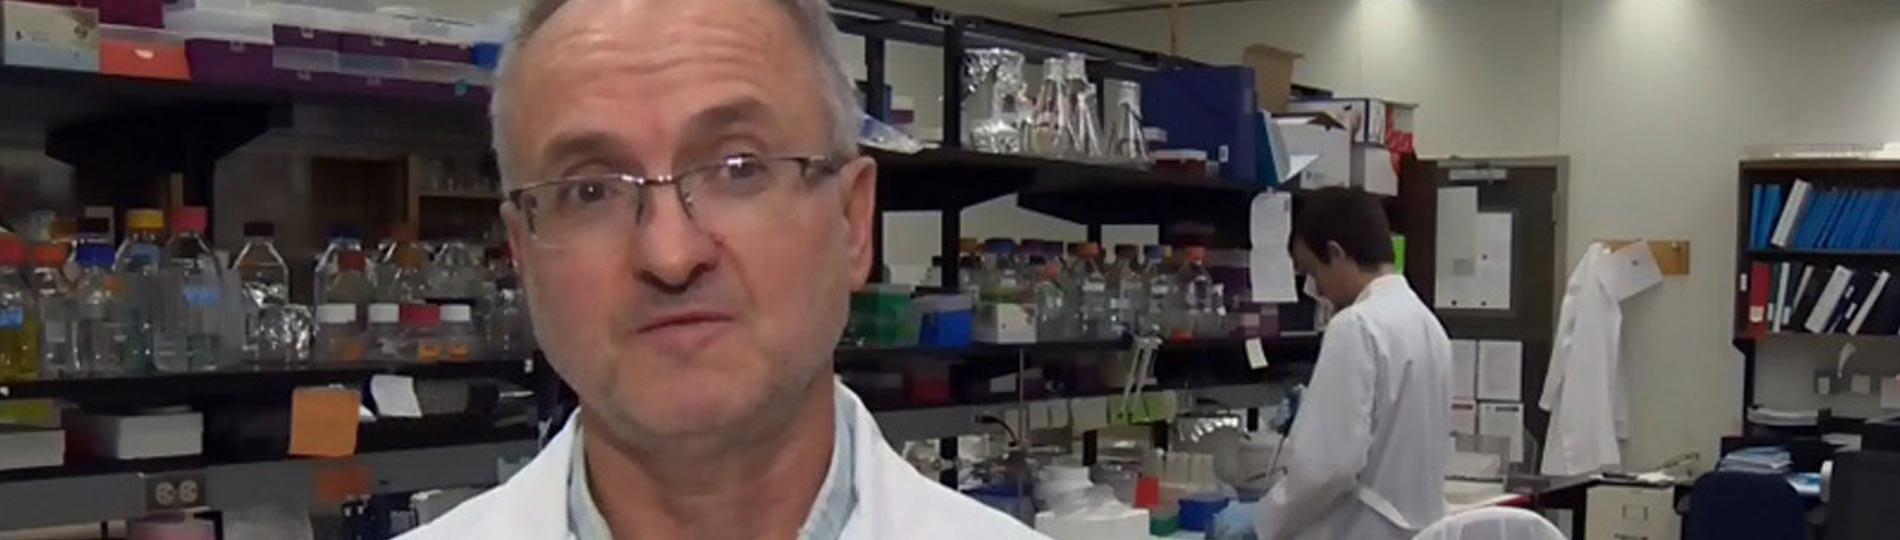 'Nanomedicine': Potentially revolutionary class of drugs are made-in-Canada